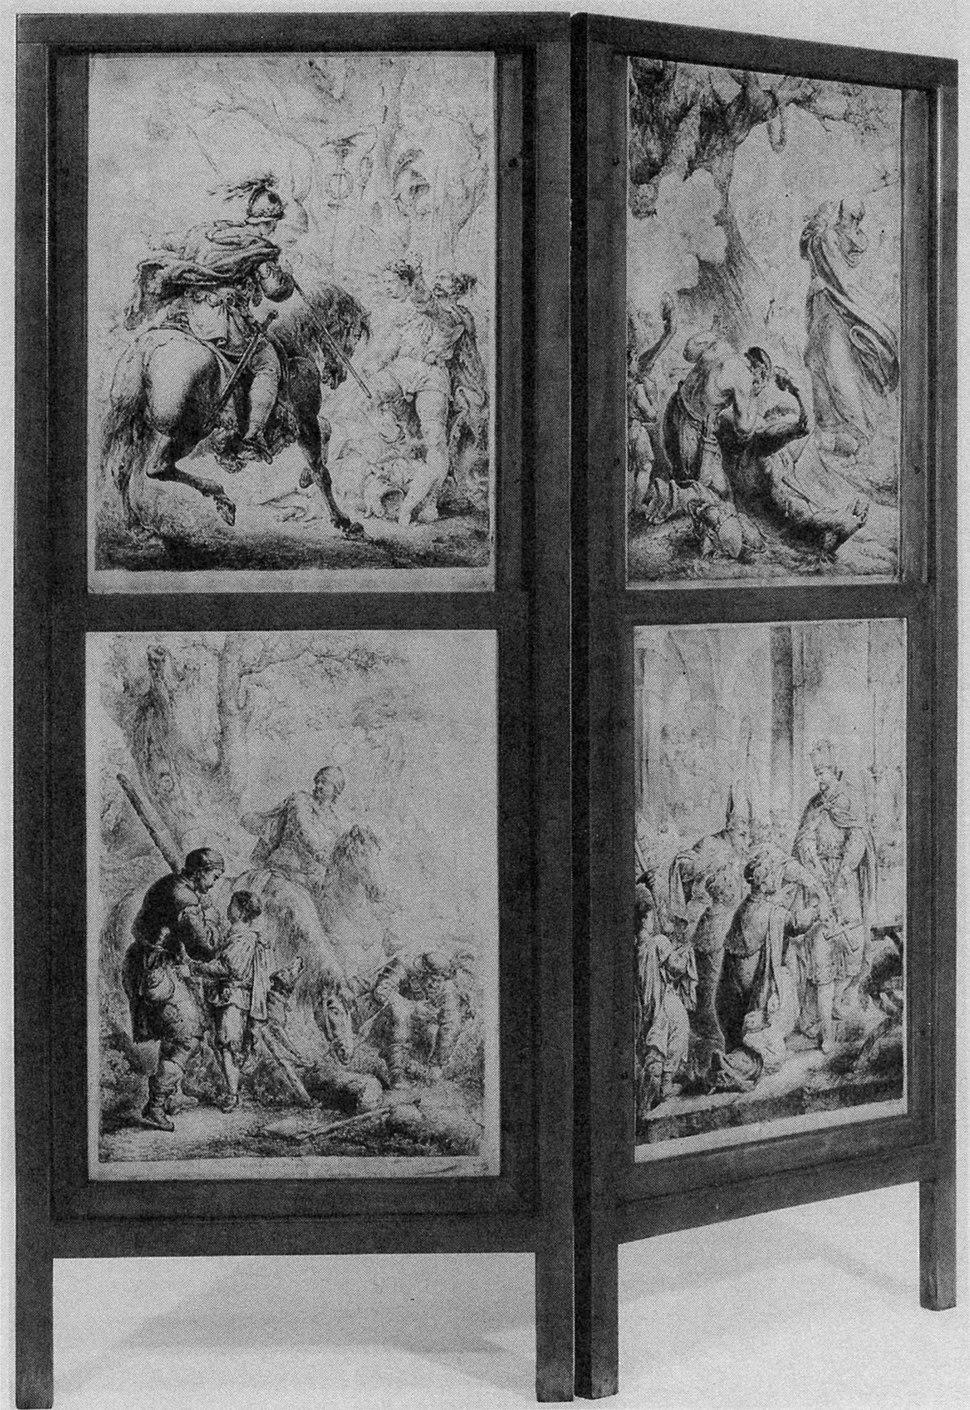 Arminius mit Kopf des Varus